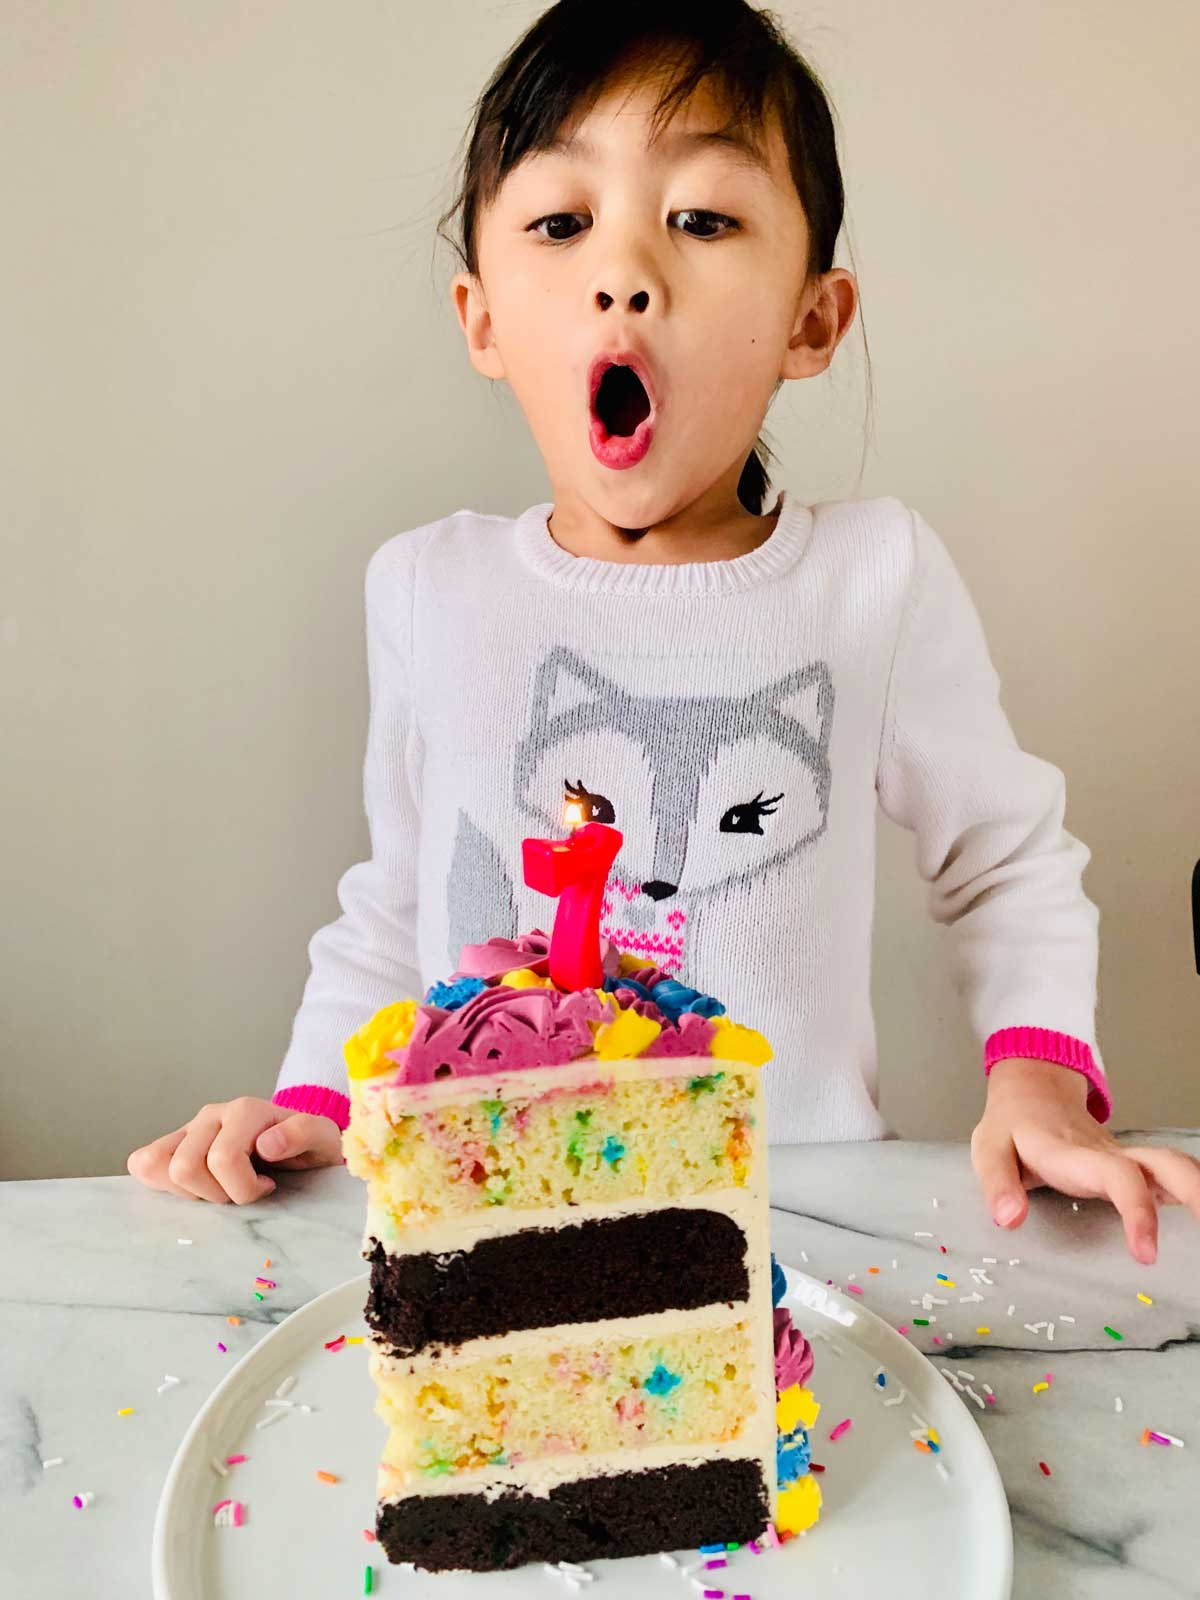 mica blowing her unicorn birthday cake